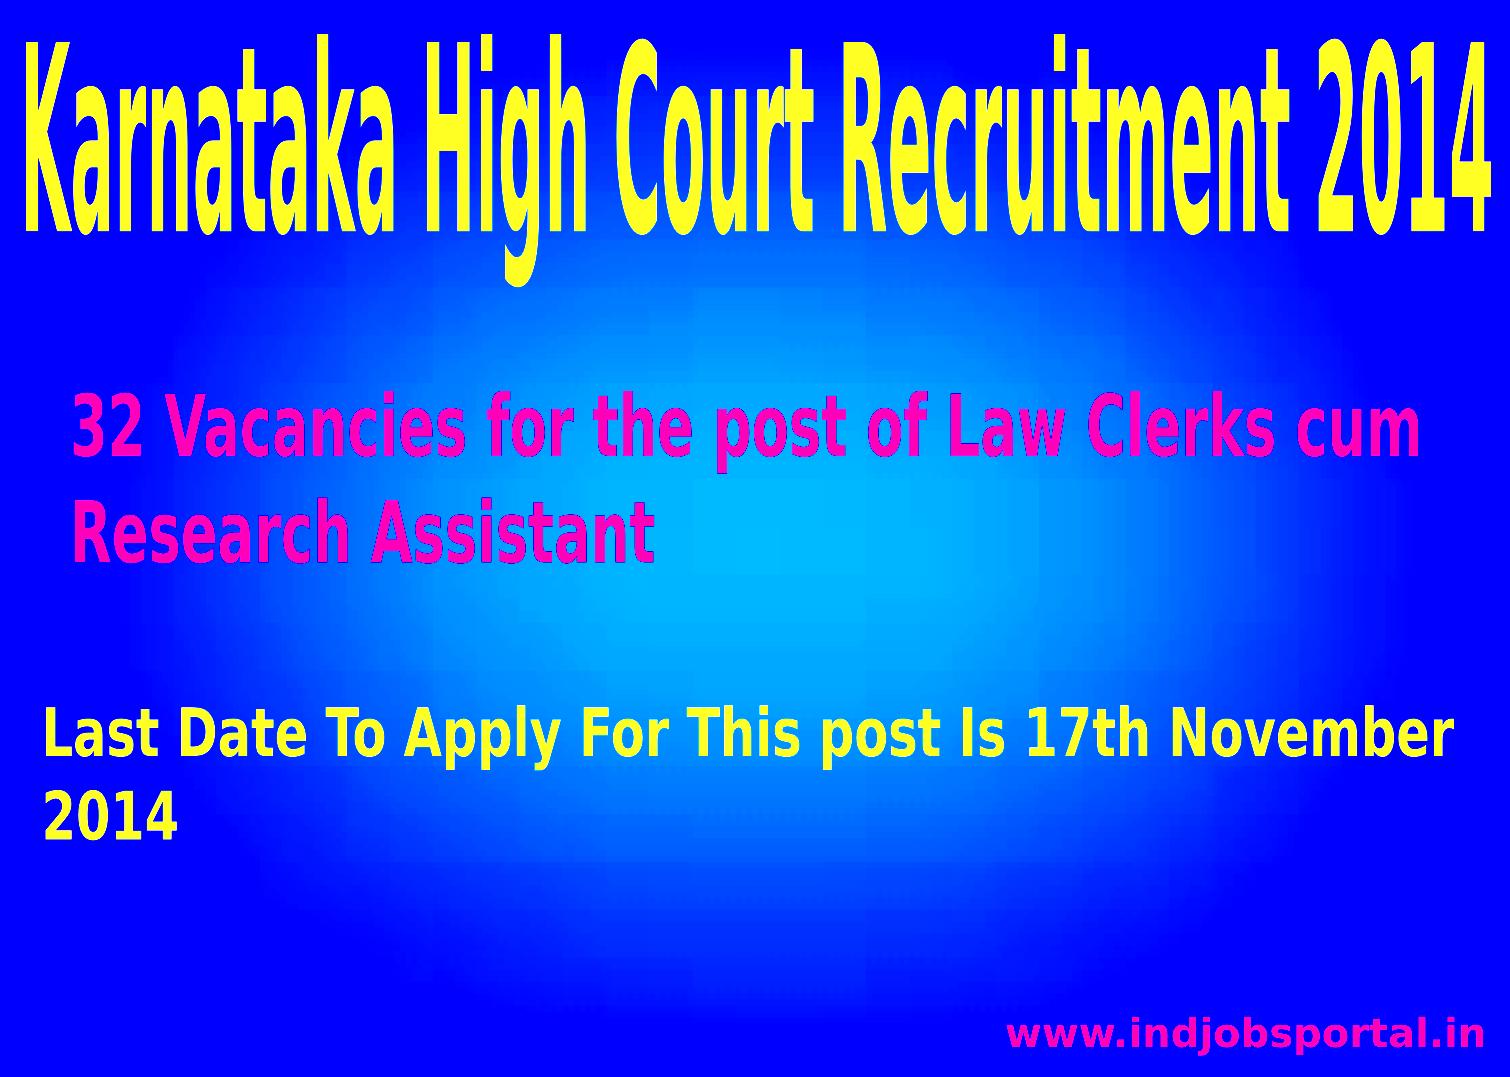 Karnataka High Court Recruitment 2014